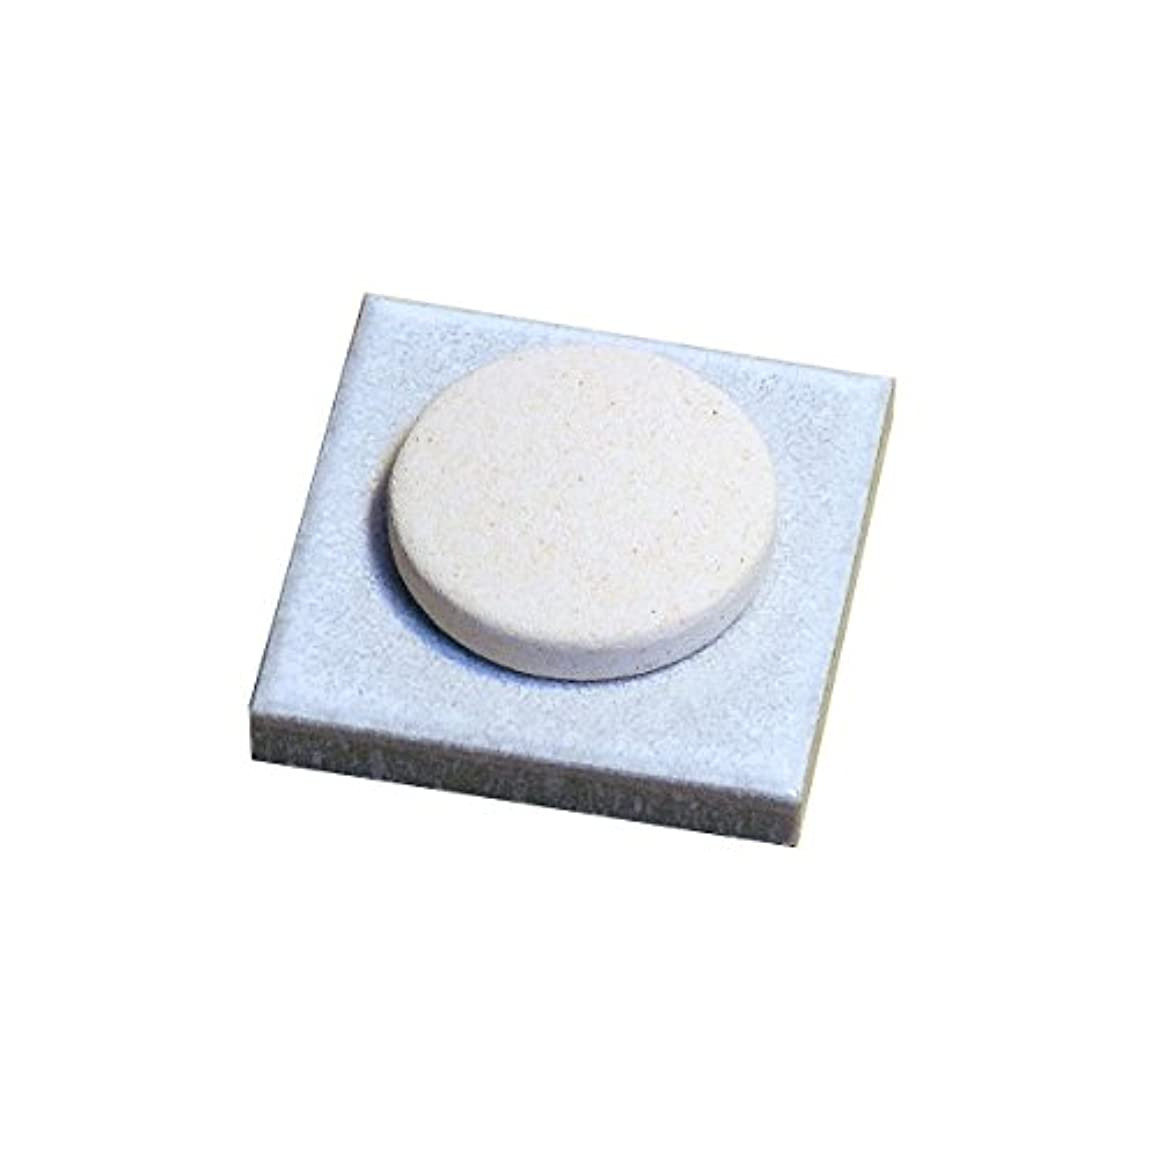 ライン分子放置〔立風屋〕珪藻土アロマプレート美濃焼タイルセット ホワイト(白) RPAP-01003-WT